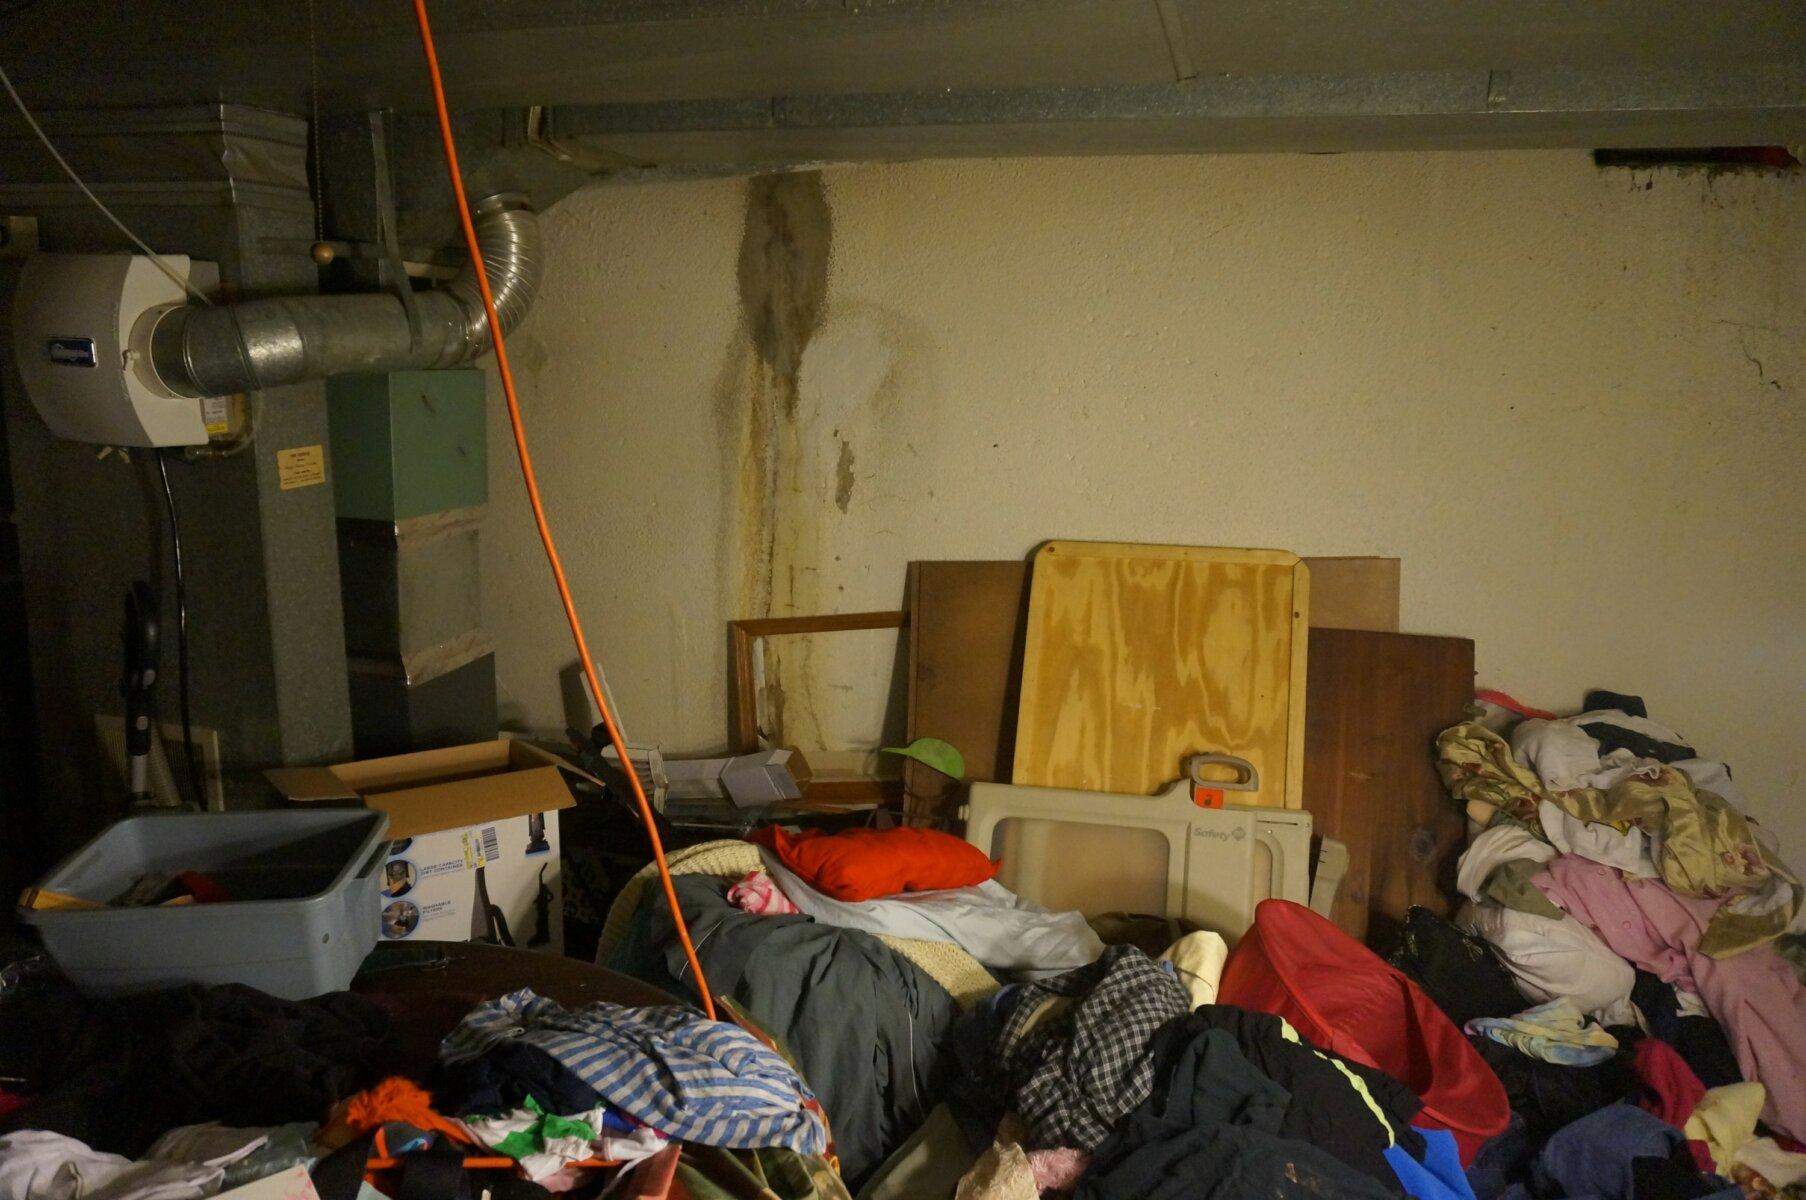 Detroit inherited house full of items in basement